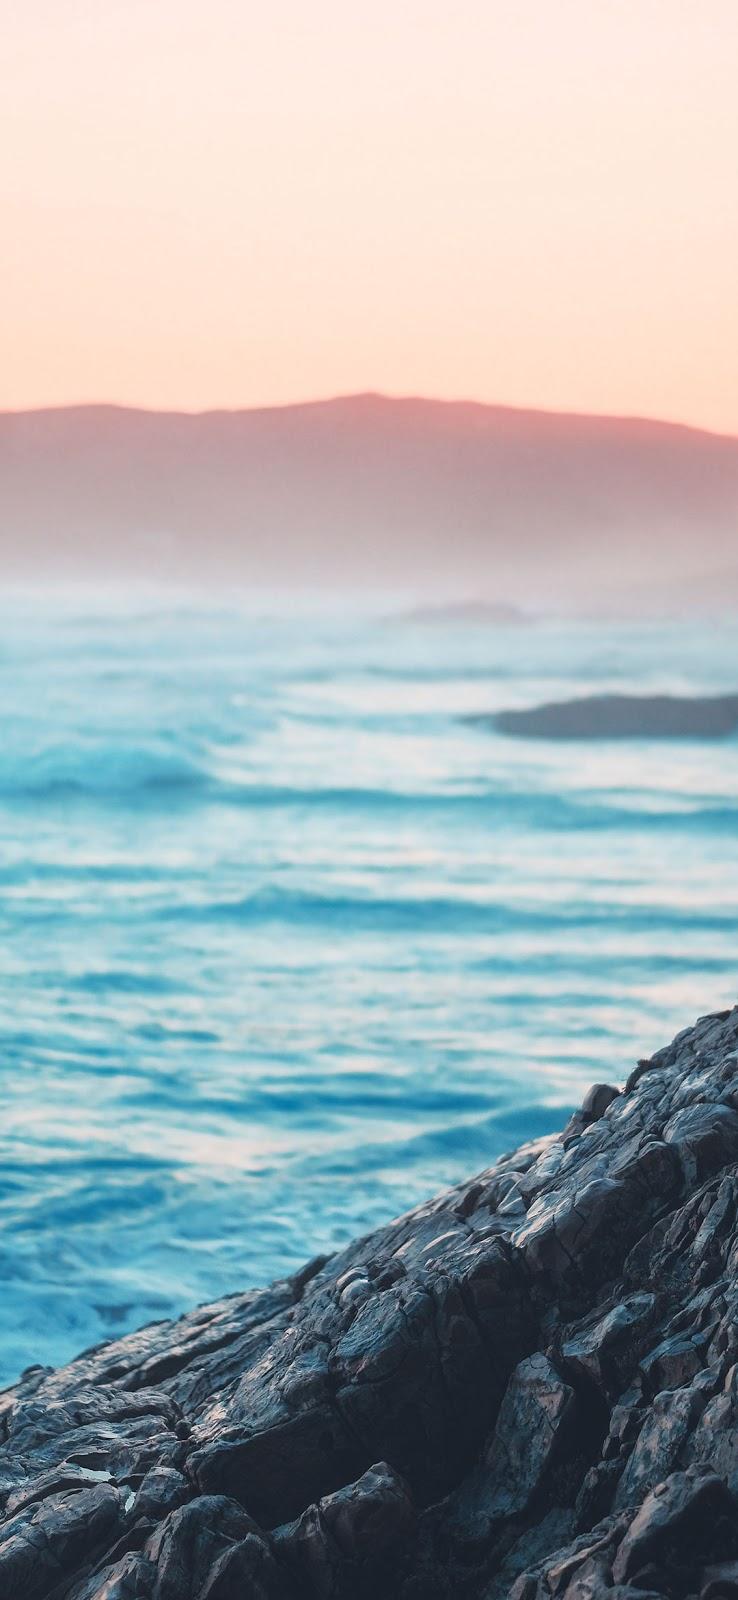 خلفية التقاء مياه البحر الزرقاء بشاطئ الصخور البركانية